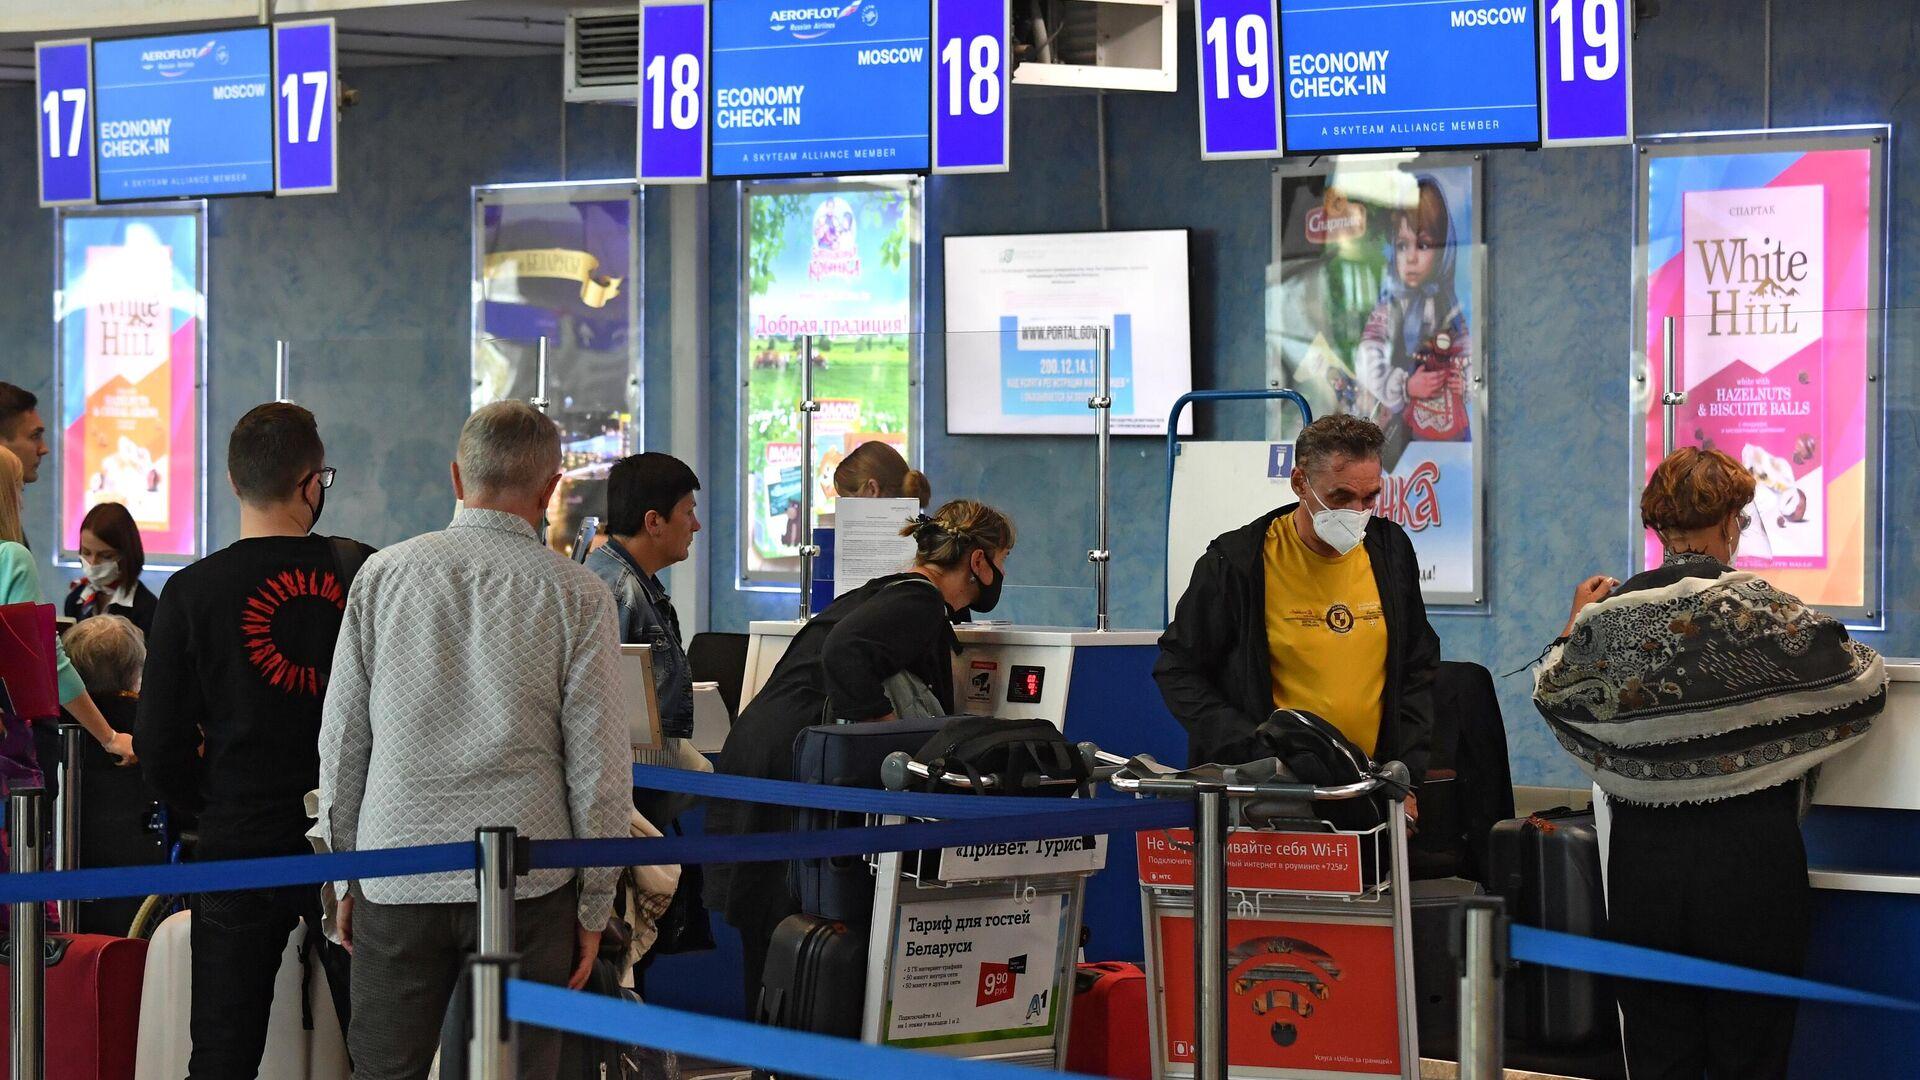 Пассажиры у стойки регистрации в национальном аэропорту Минск - РИА Новости, 1920, 05.03.2021